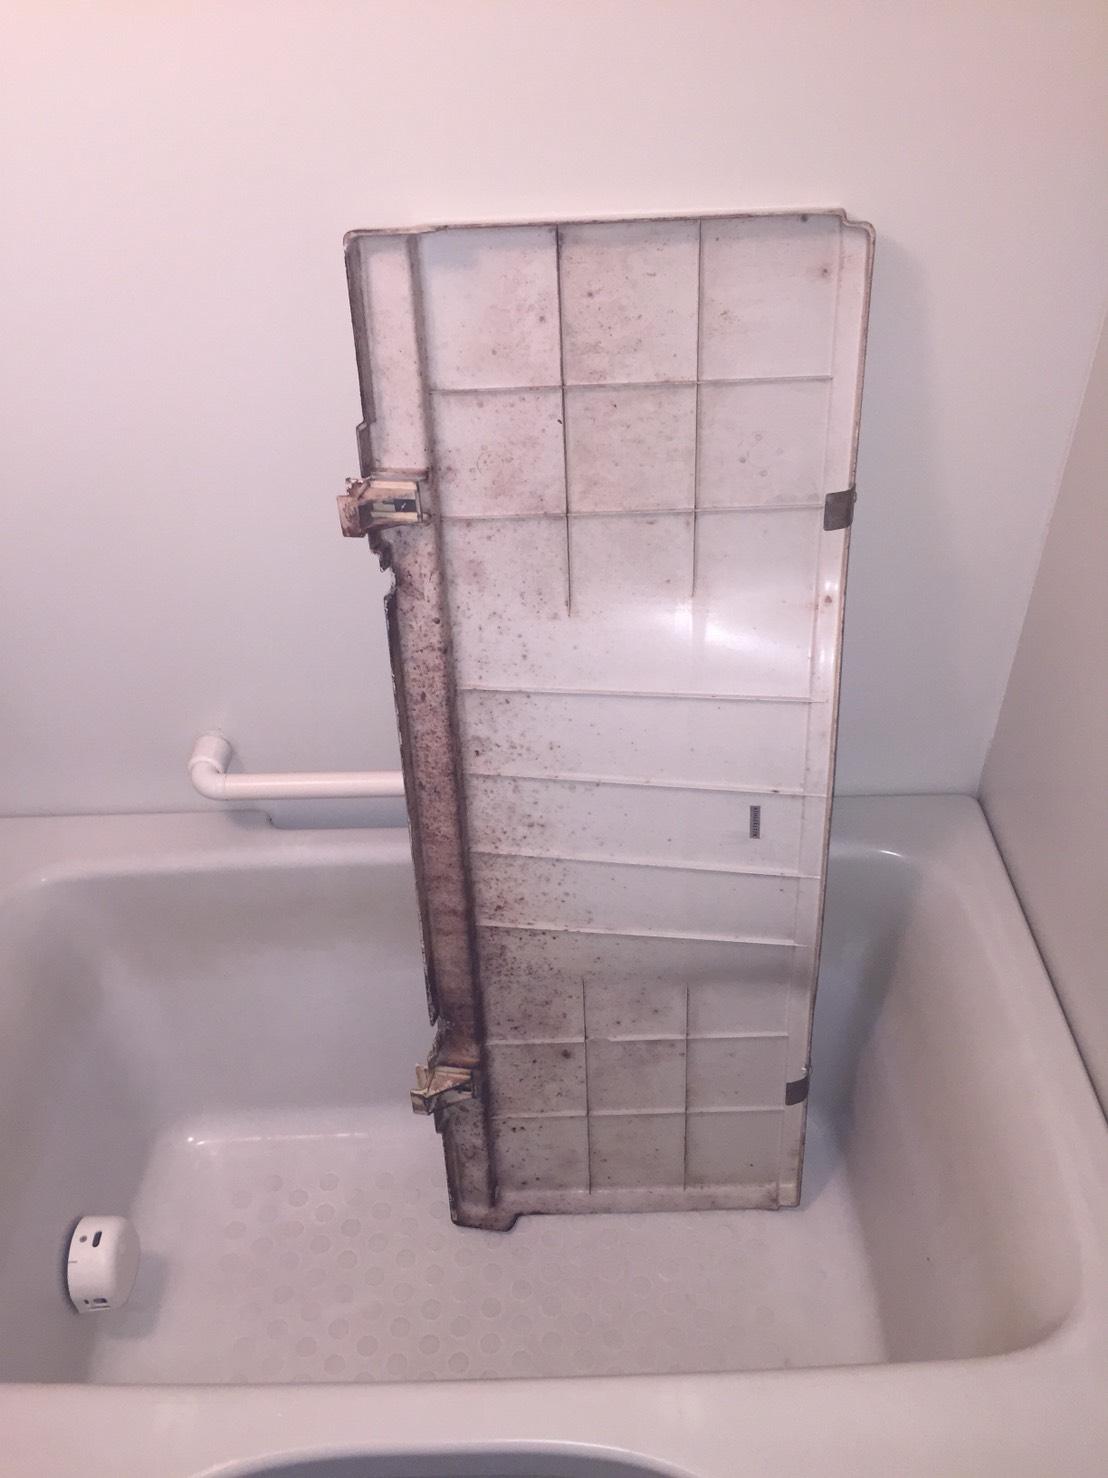 伊丹市 お風呂のエプロンカバーの清掃・カビの除去!ハウスクリーニグ伊丹おそうじプラス